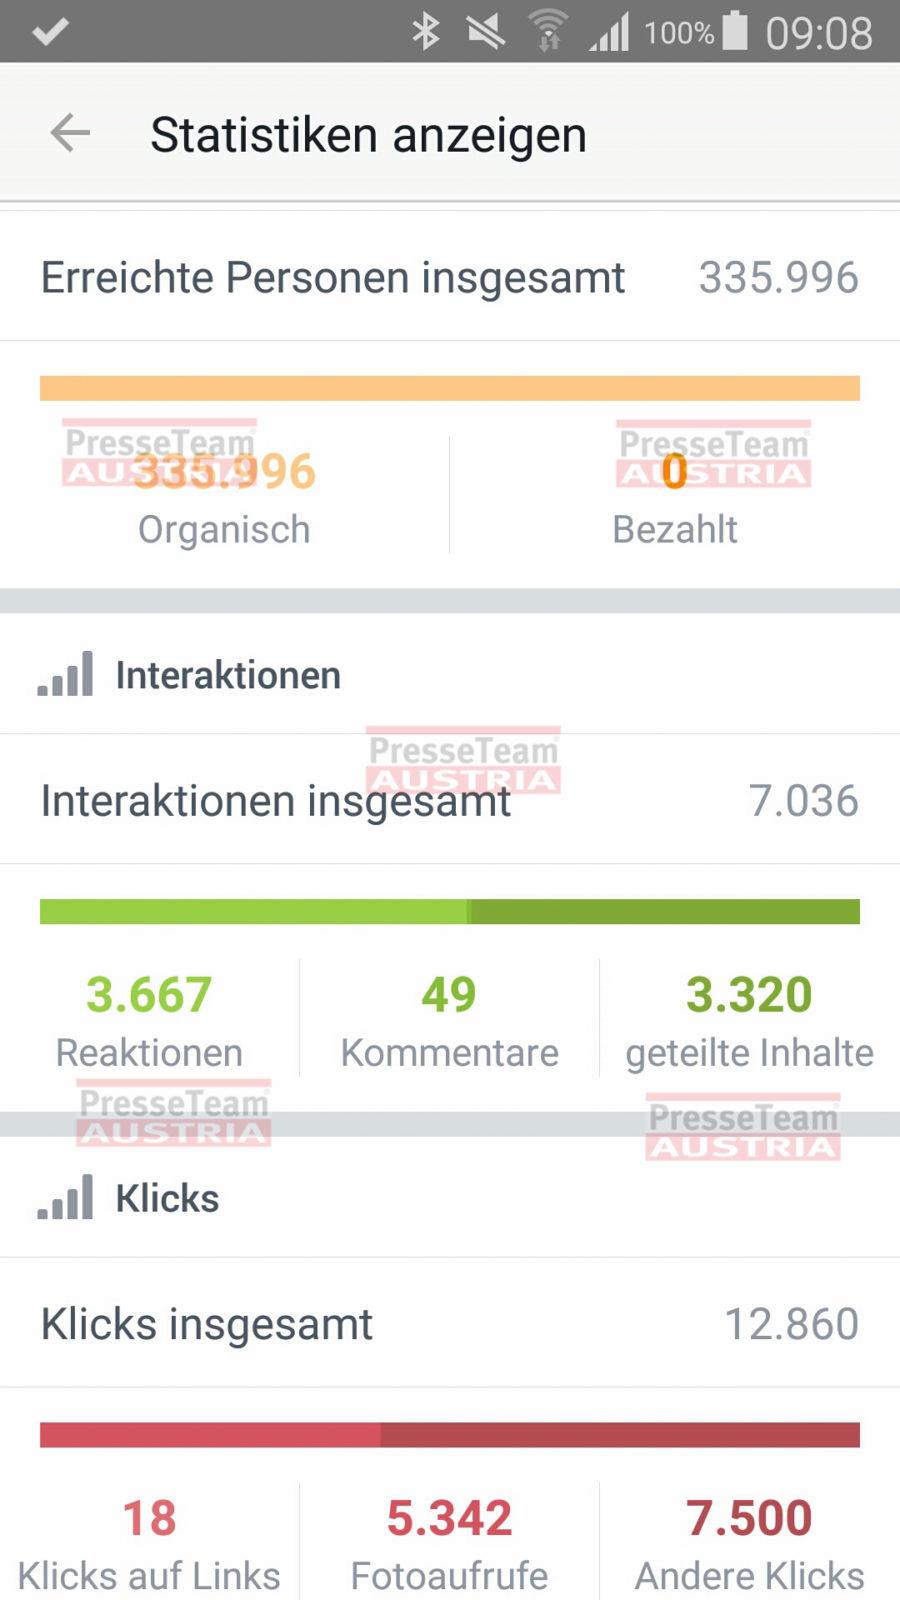 Facebook Marketing Schulung 34 - 10.730.101 Reichweite mit Facebook-Marketing: Der sichere Weg zu Ihrer Zielgruppe!